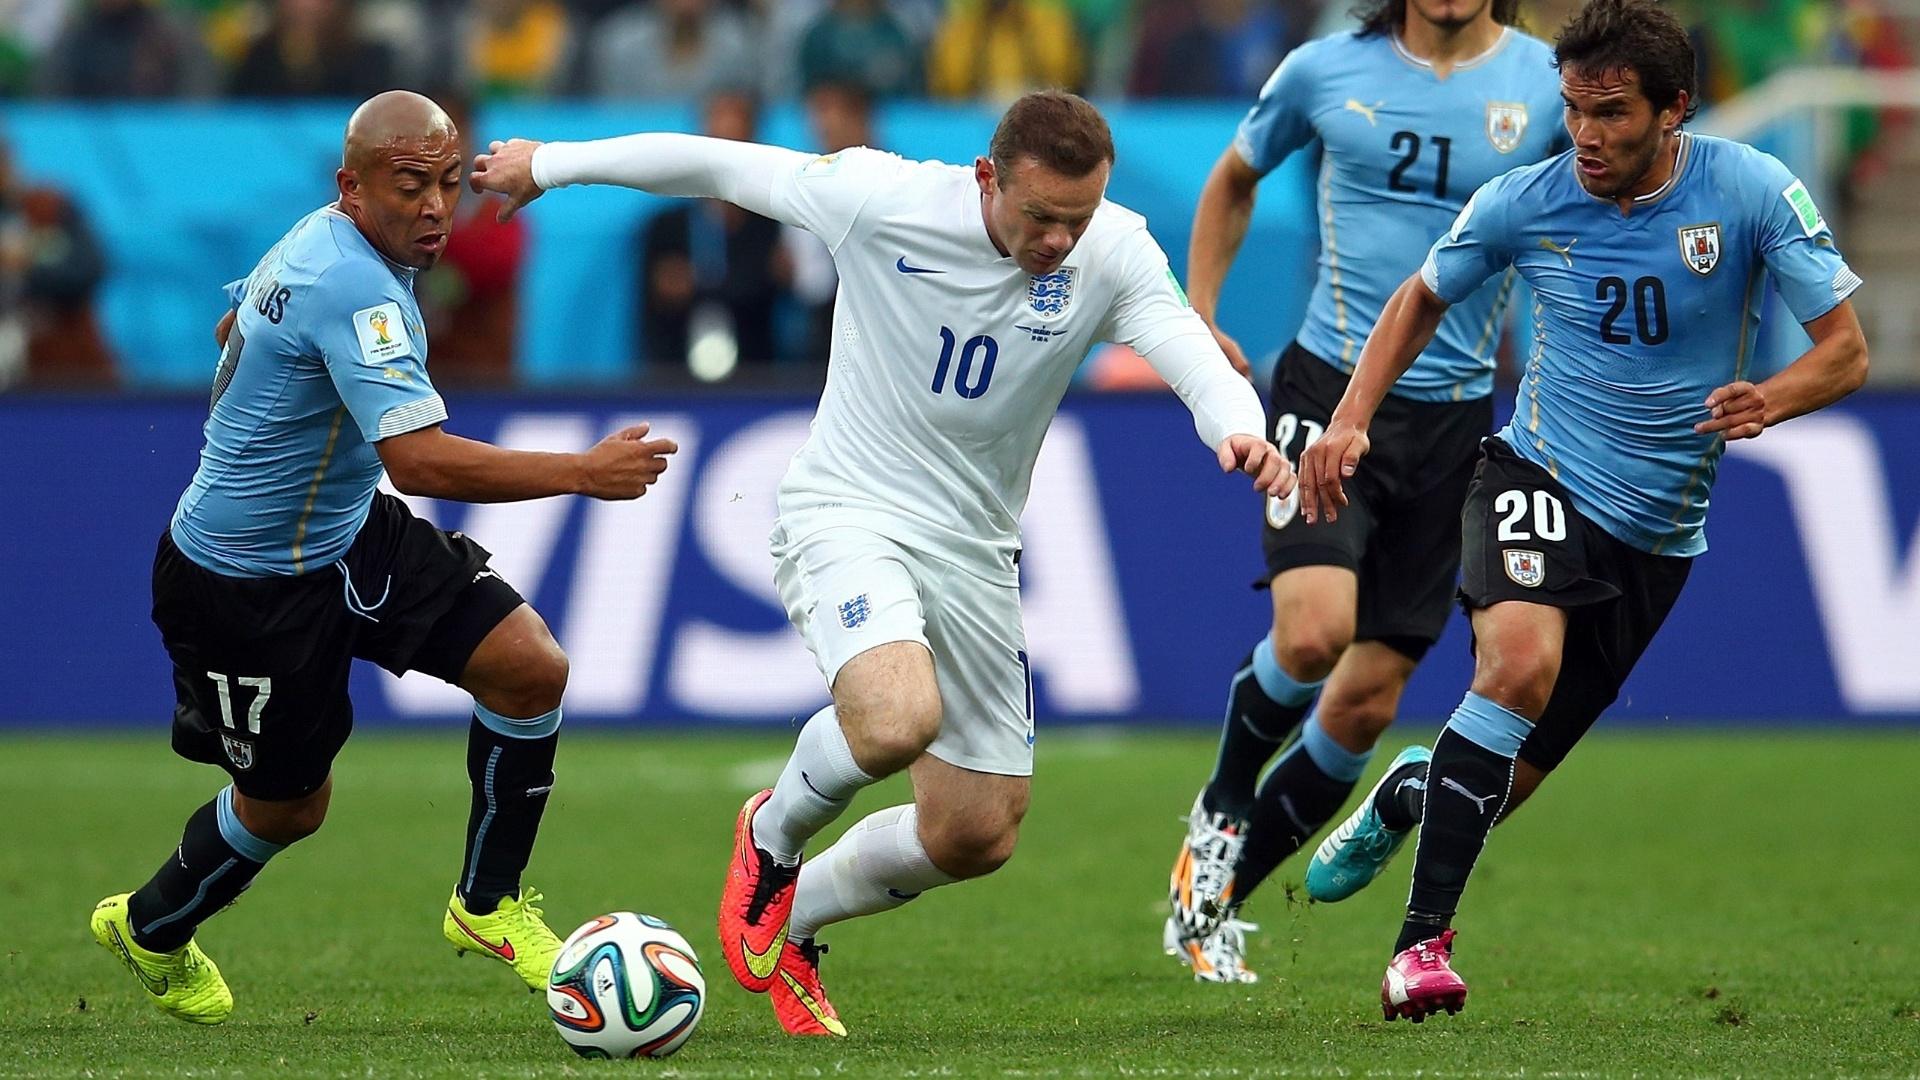 19.jun.2014 - Vaiado antes do jogo pela torcida no Itaquerão, inglês Wayne Rooney tenta escapar da marcação uruguaia